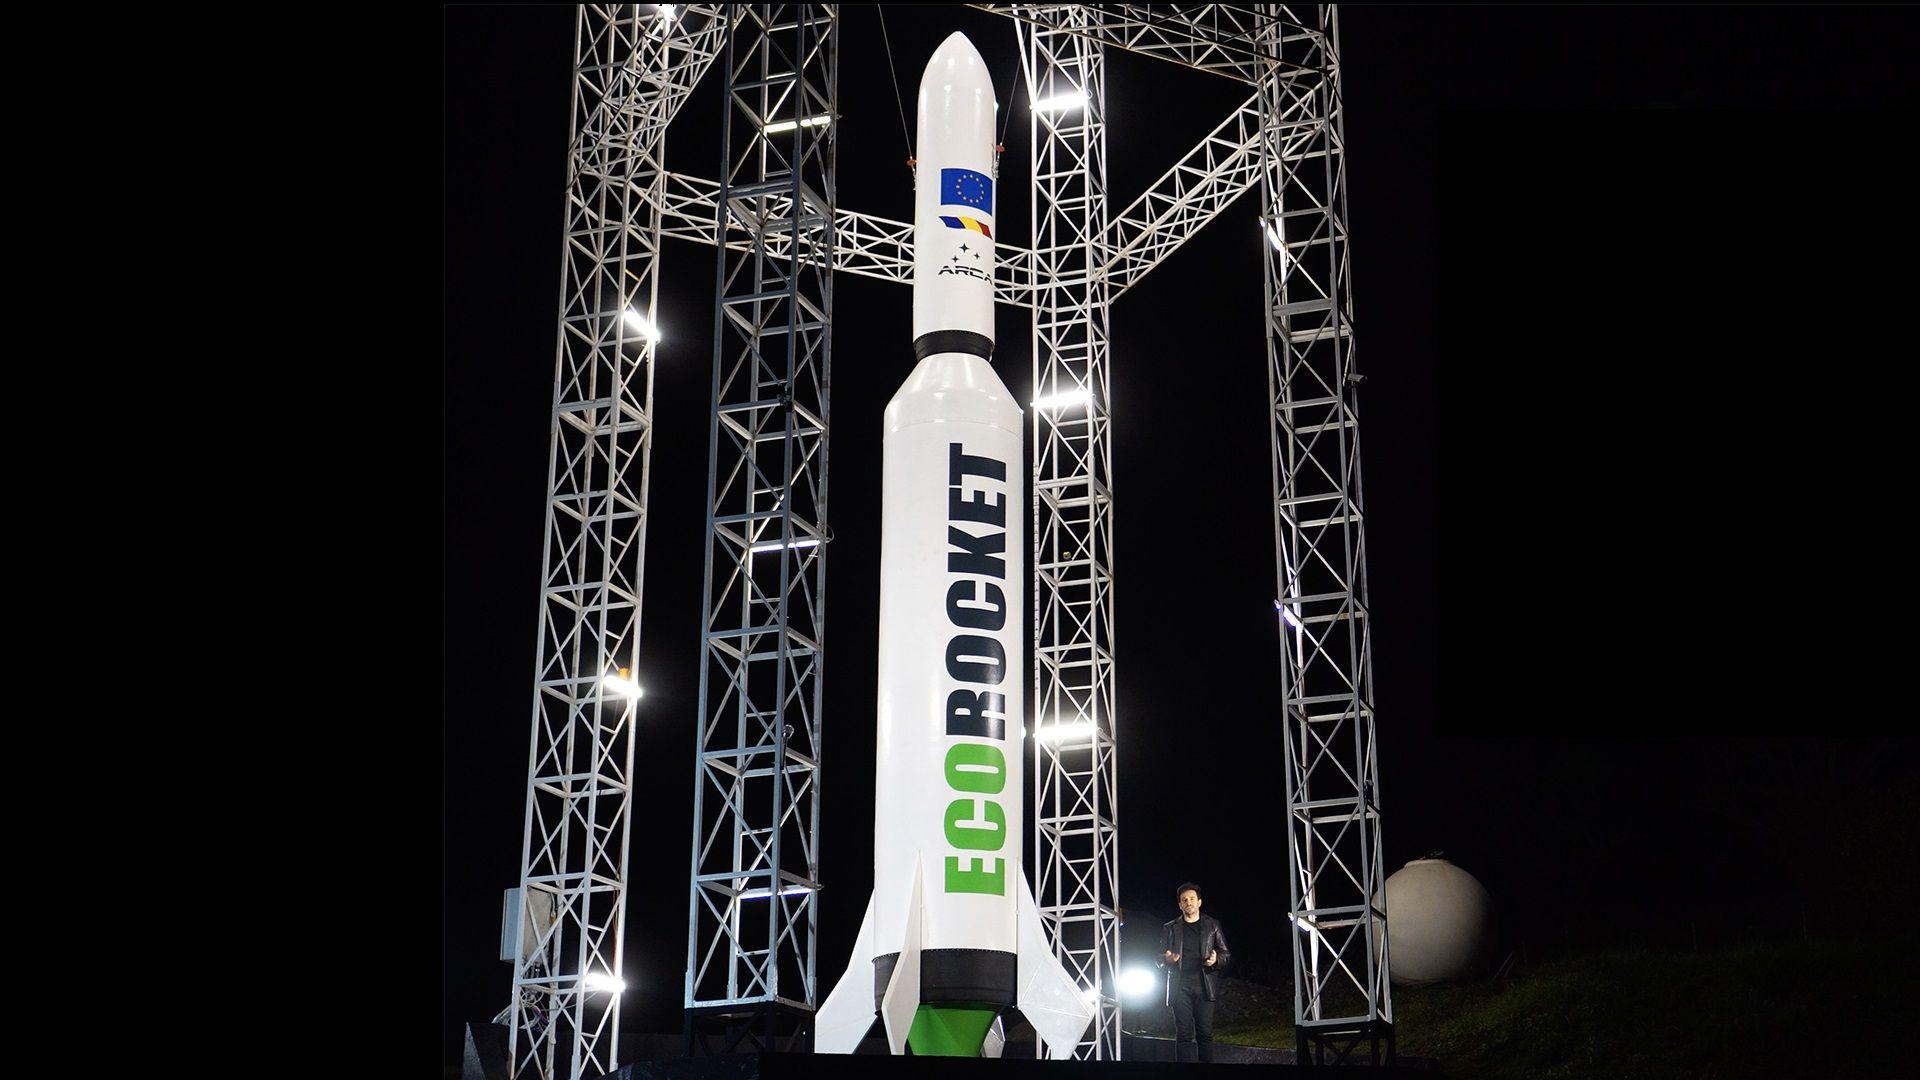 Румъния изстрелва своя ракета в Космоса